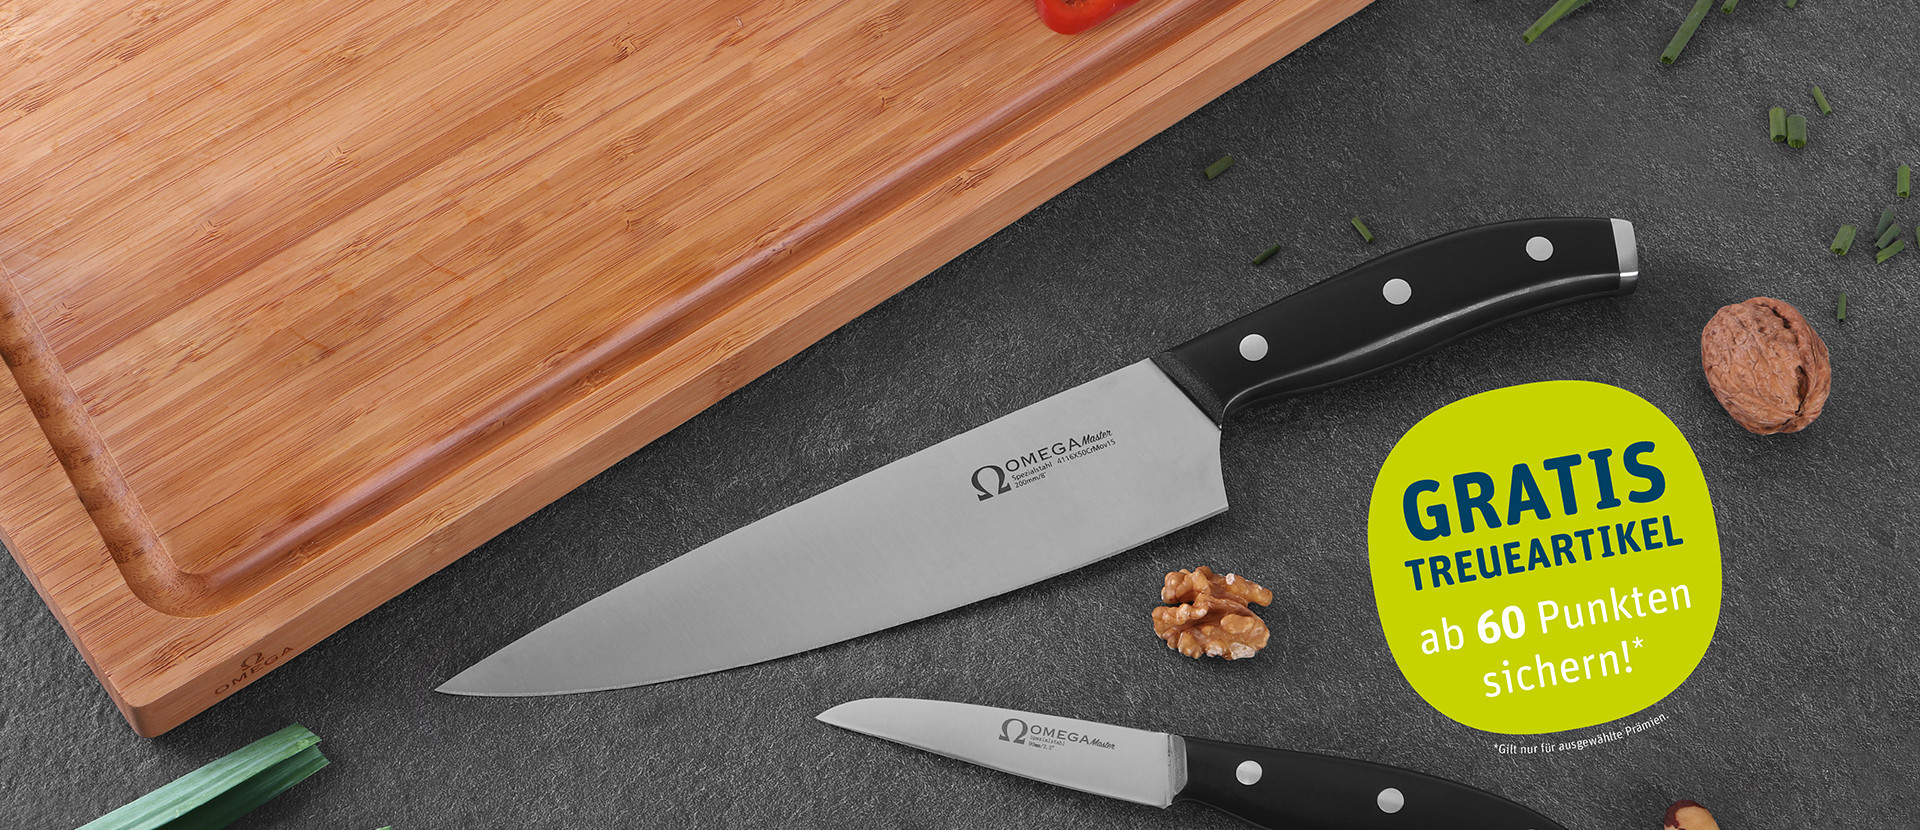 Omega Messer und Holz-Schneidebrett